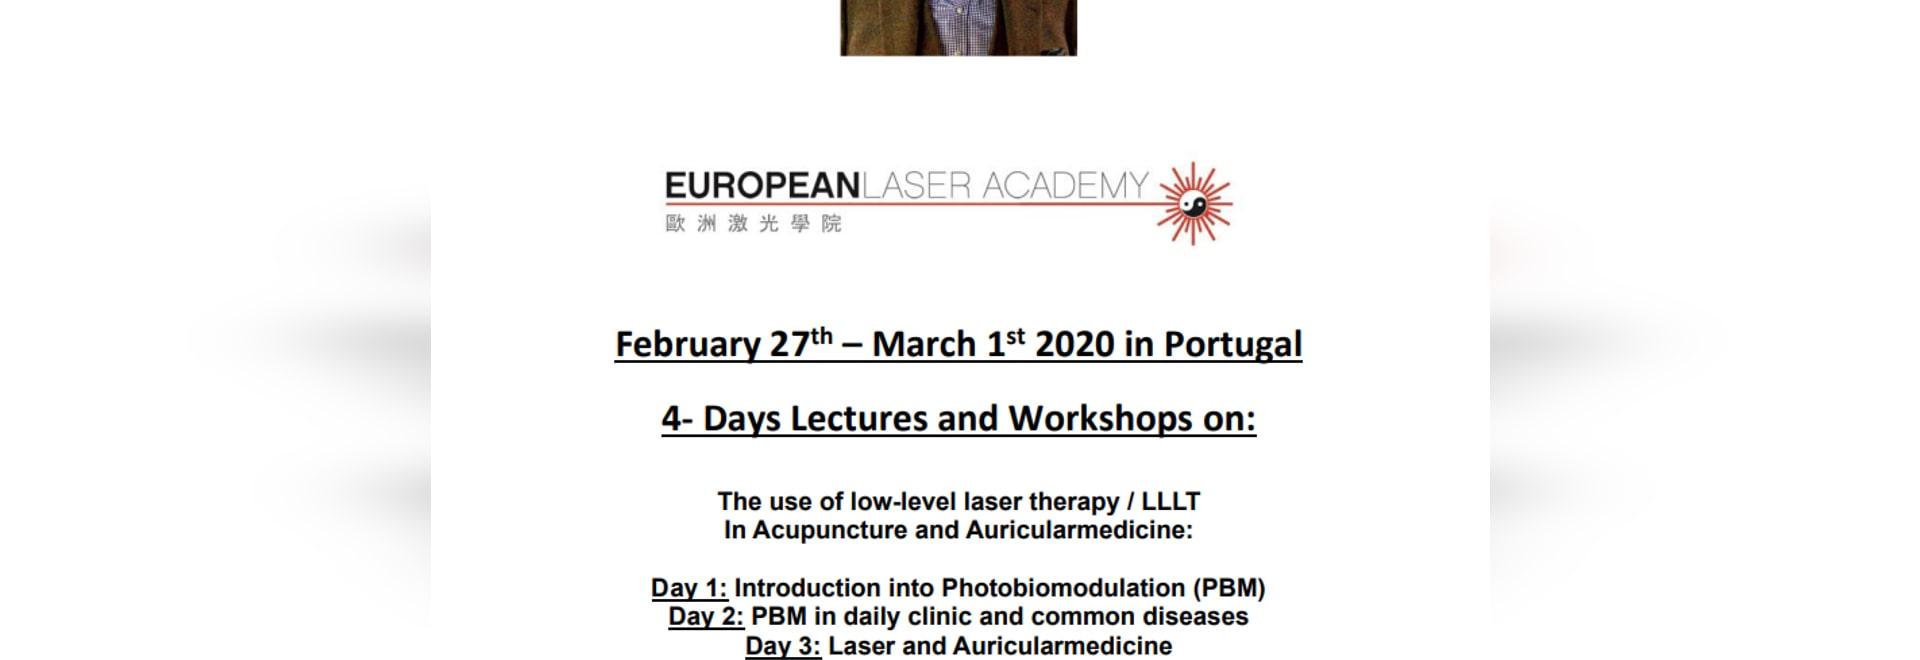 Séminaire sur les lasers en Algarve, Portugal, du 27 février au 1er mars, par le Dr Michael Weber, MD CM, spécialiste des lasers d'acupuncture en Allemagne.